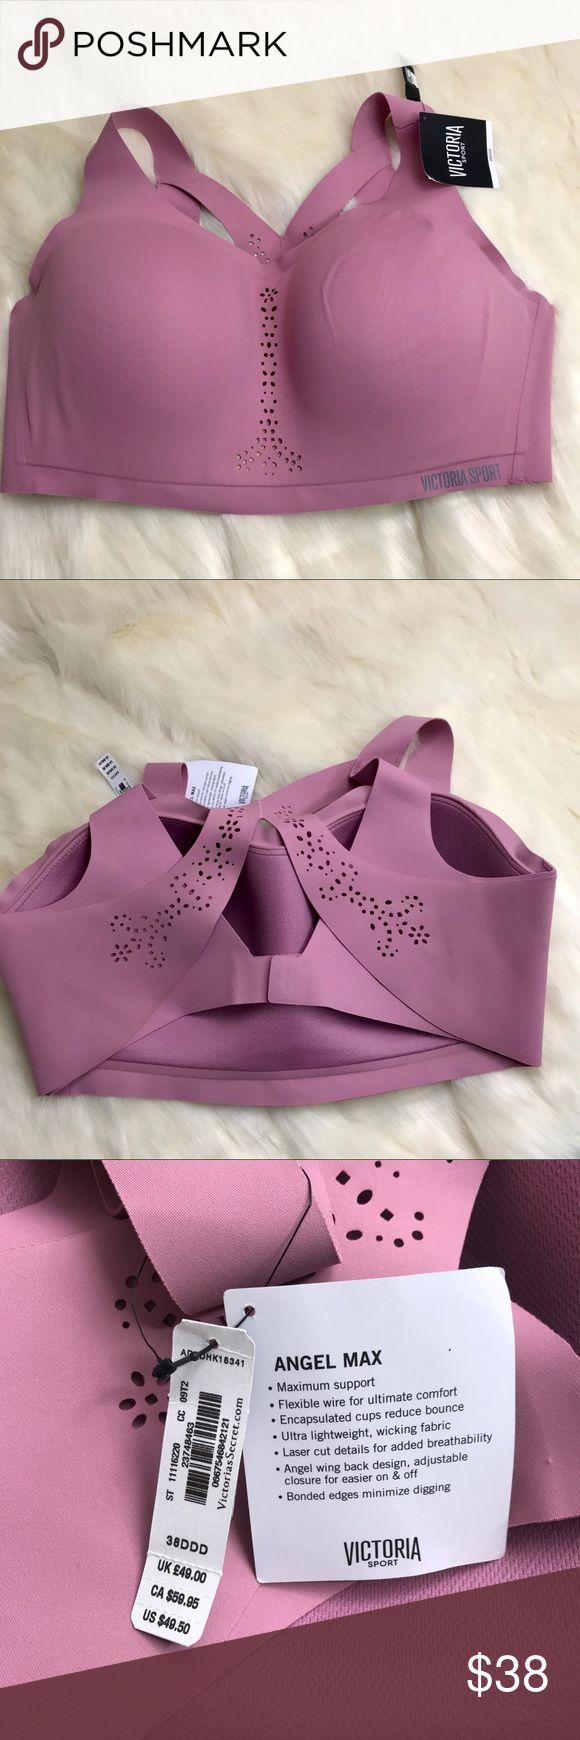 NEW! Victoria's Secret Sports Bra 38DDD NWT Sports bra